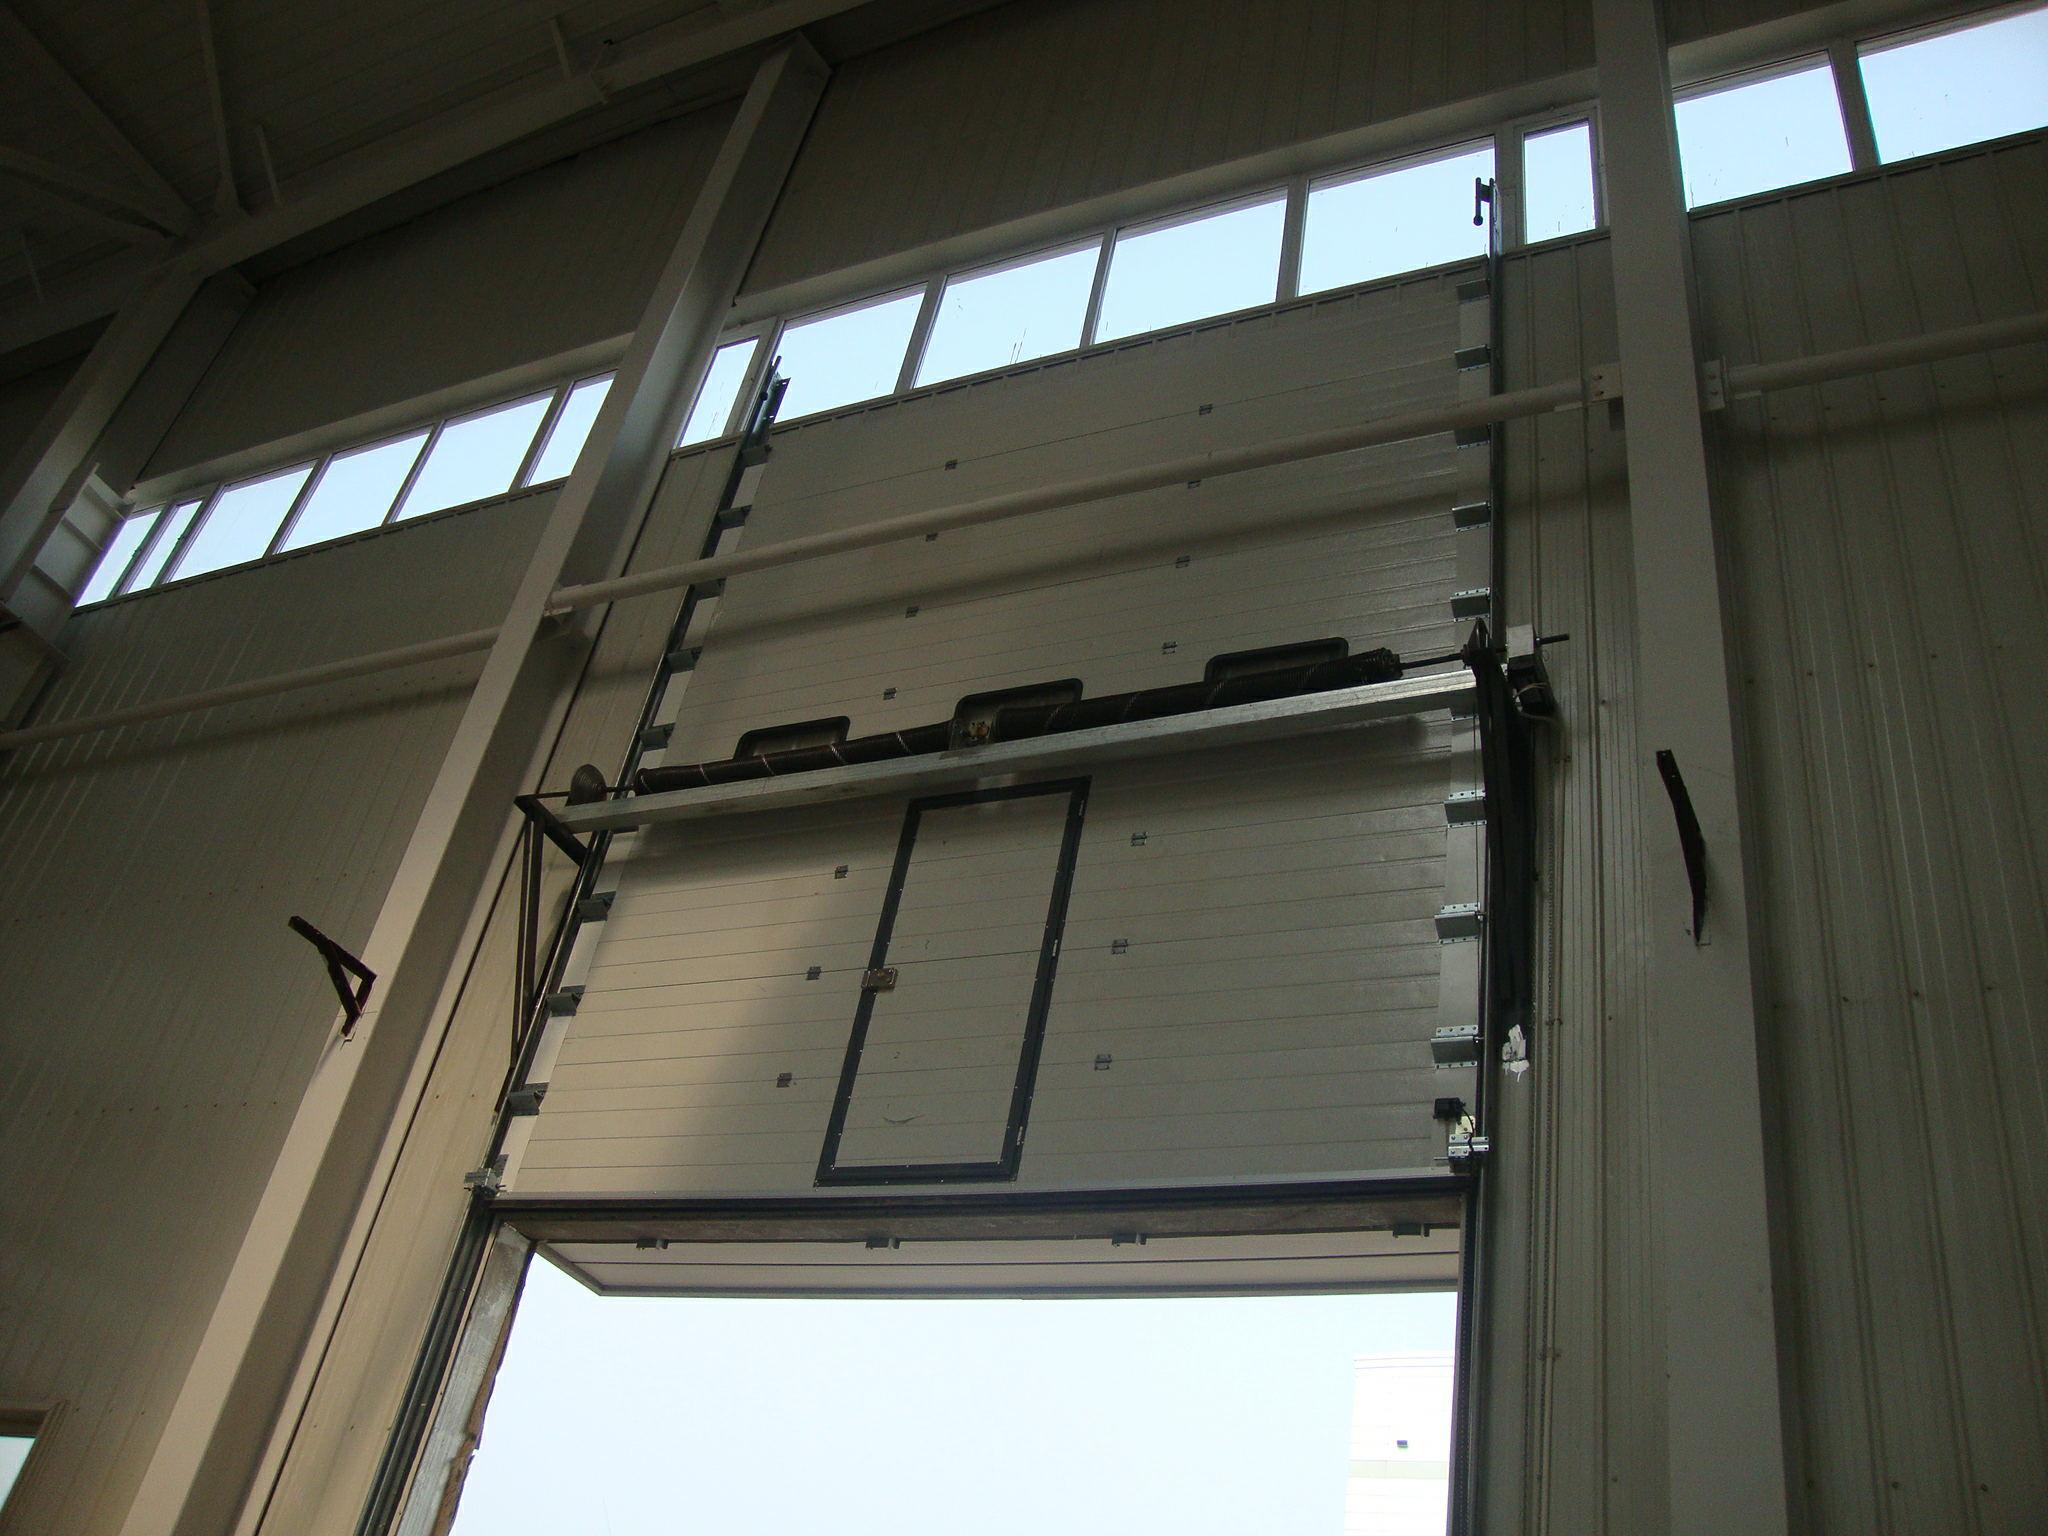 提升门多少钱-防火卷帘门多少钱-成都兴诚达门窗有限公司